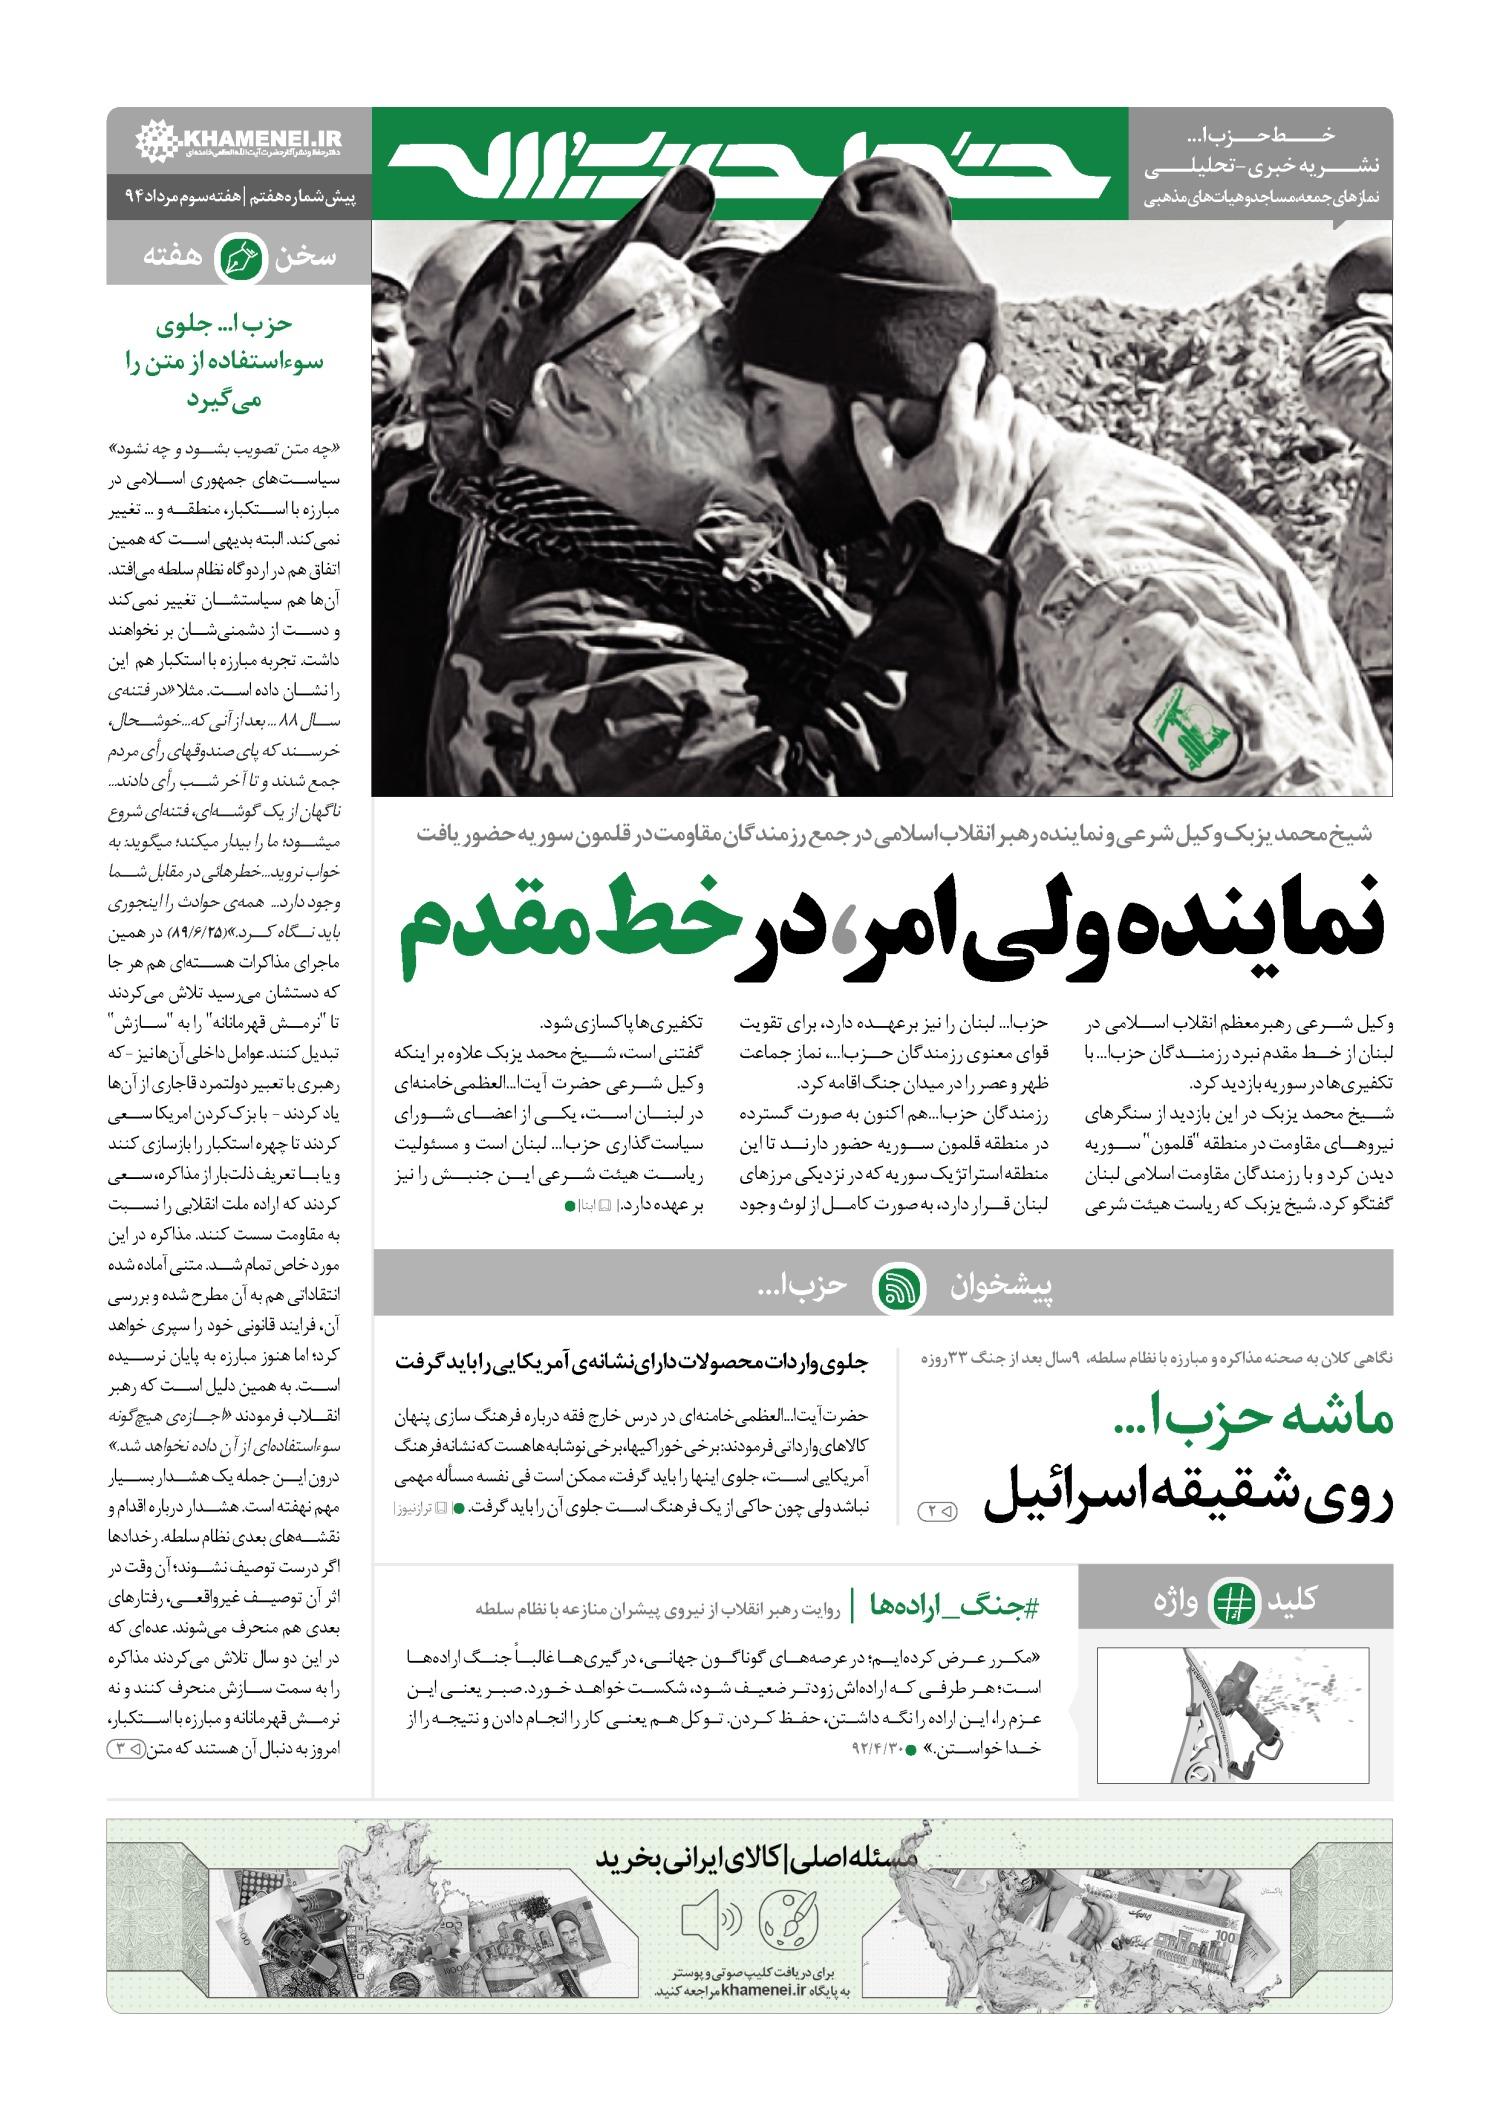 خط حزب الله -شماره پنجم خط حزب الله -پیش شماره هفتم page large 142